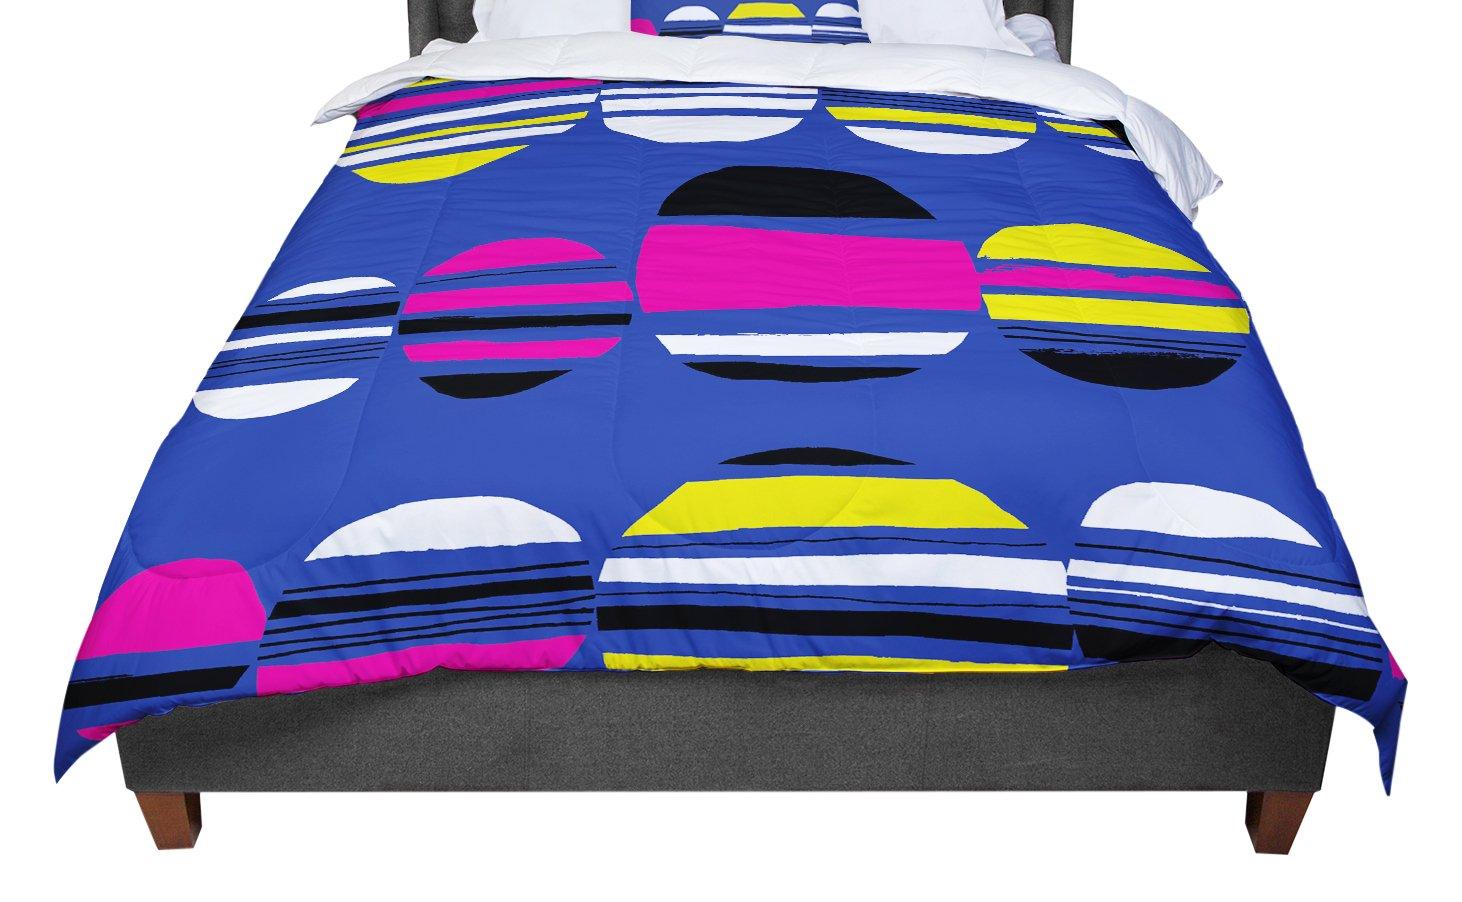 KESS InHouse Emine Ortega 'Retro Circles Cobalt' Queen Comforter, 88' X 88'